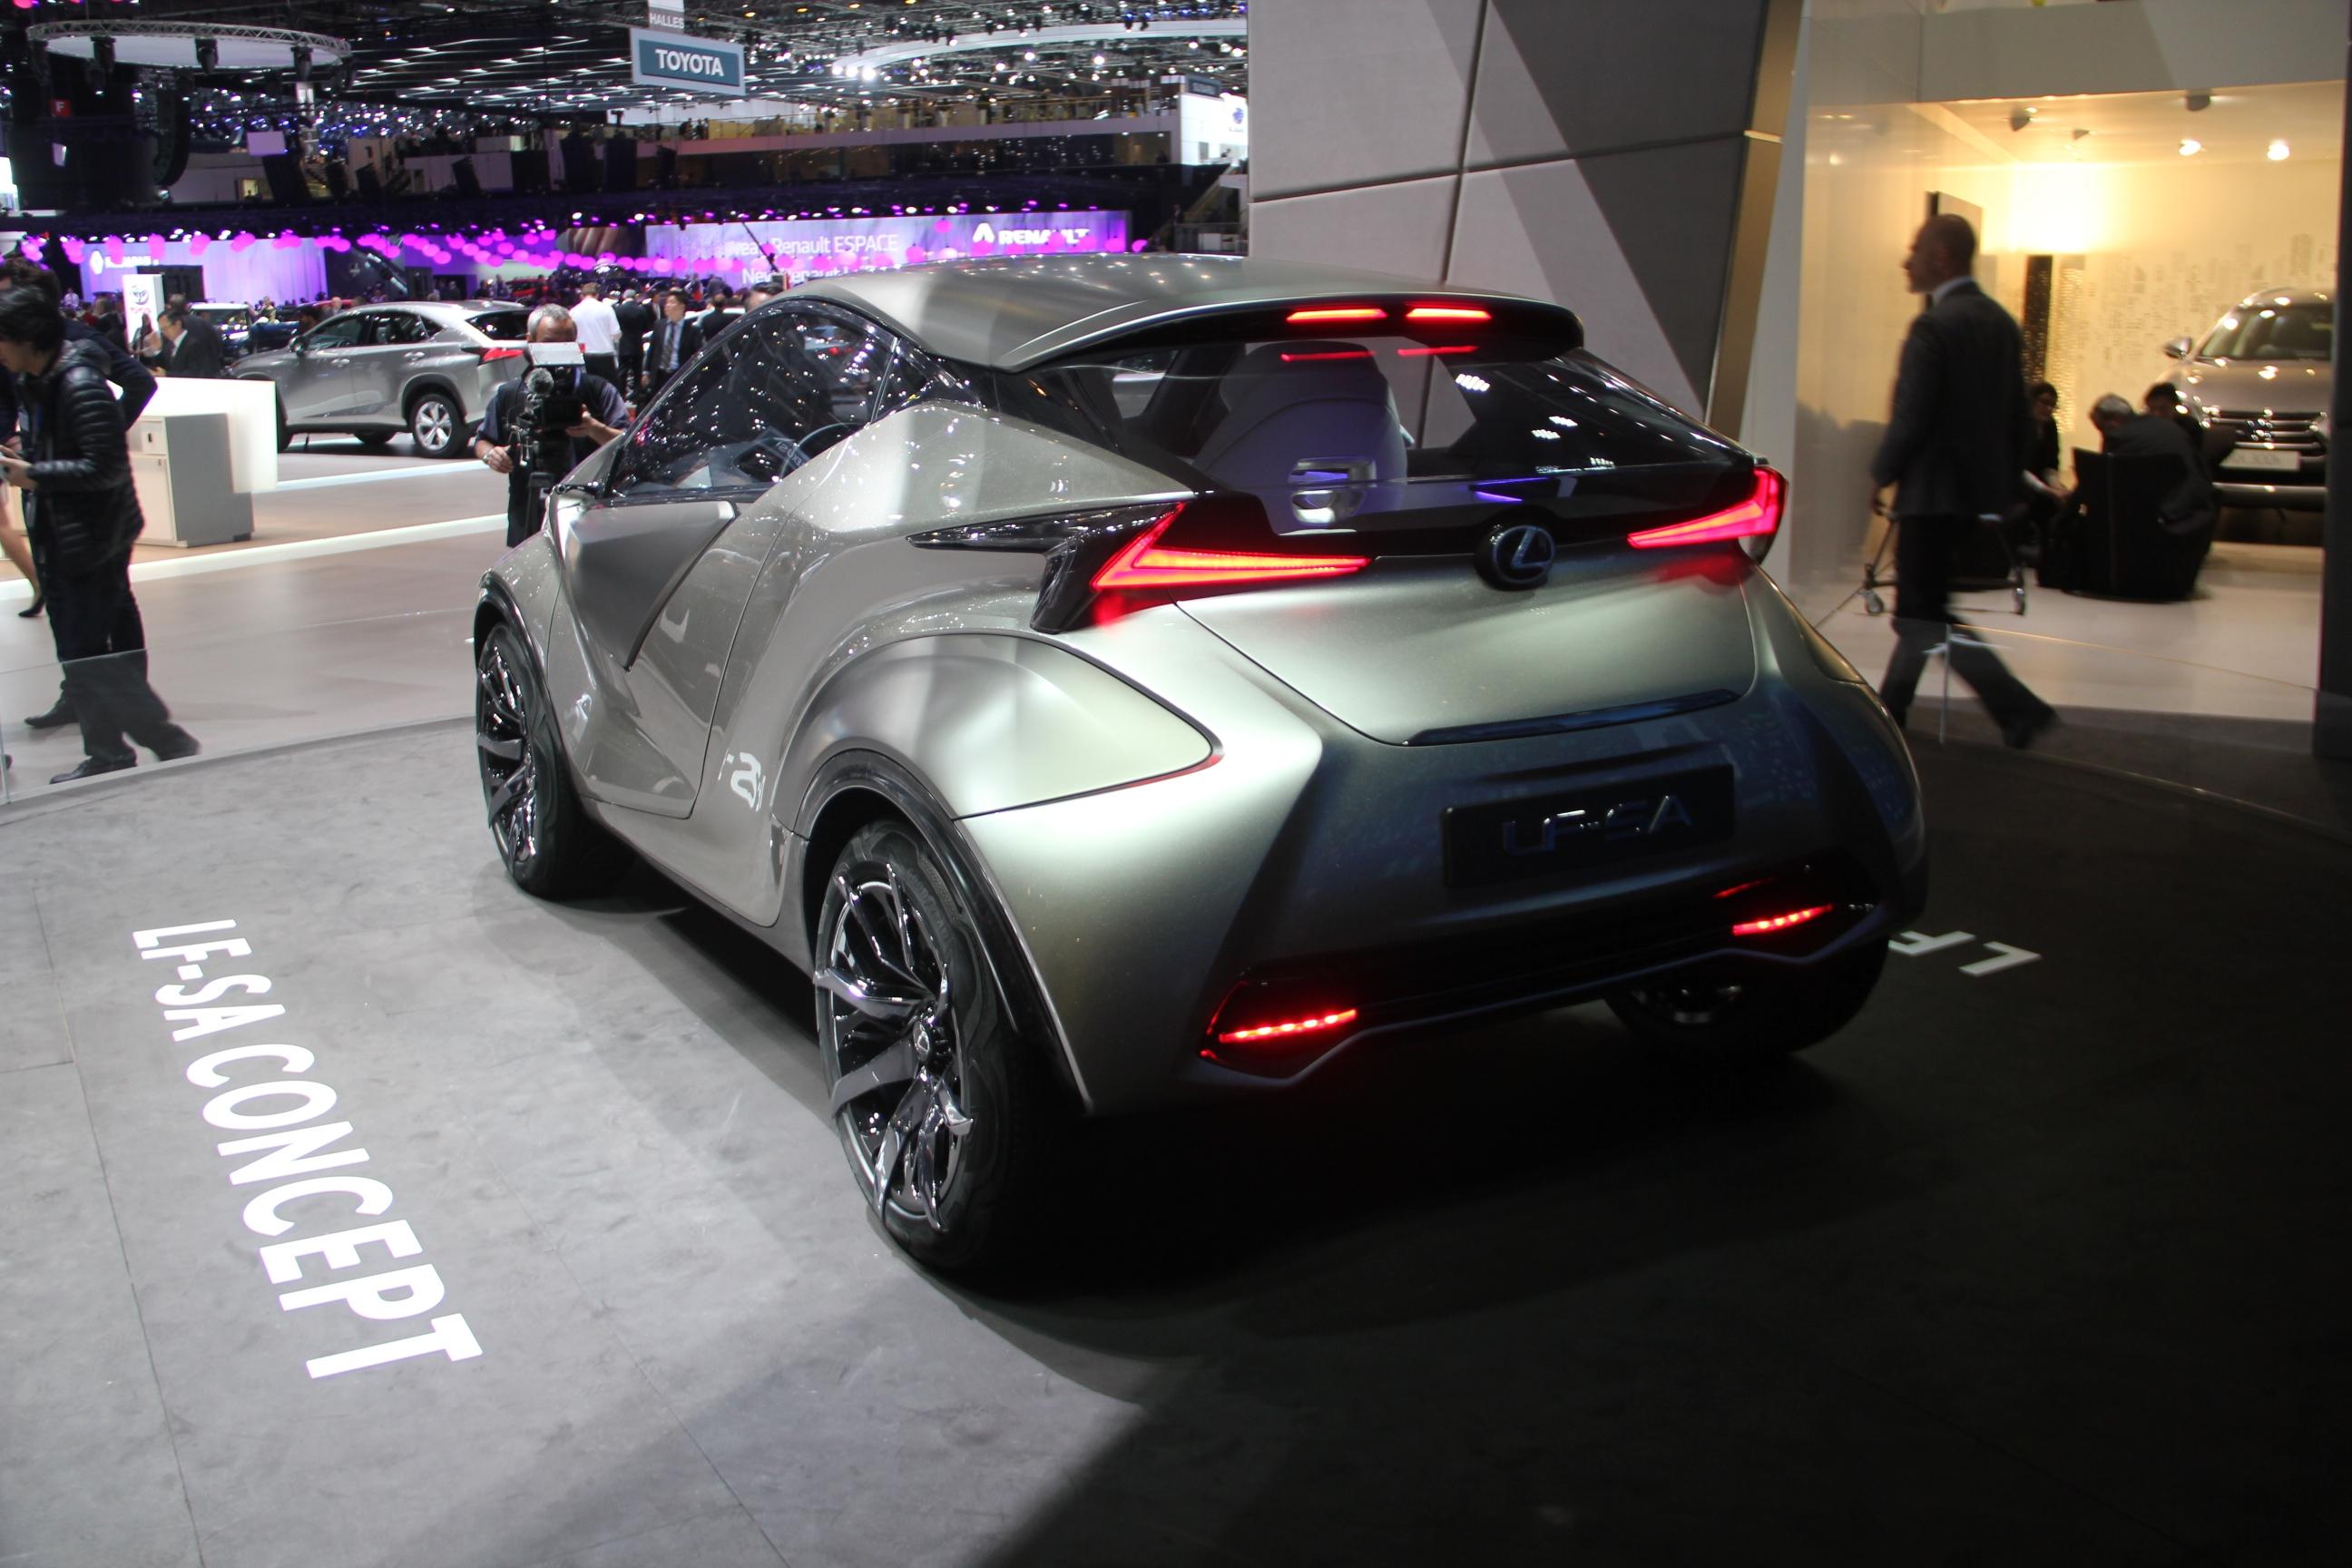 S0-Lexus-LF-SA-Concept-nouveaux-horizons-En-direct-du-salon-de-Geneve-2015-347819.jpg